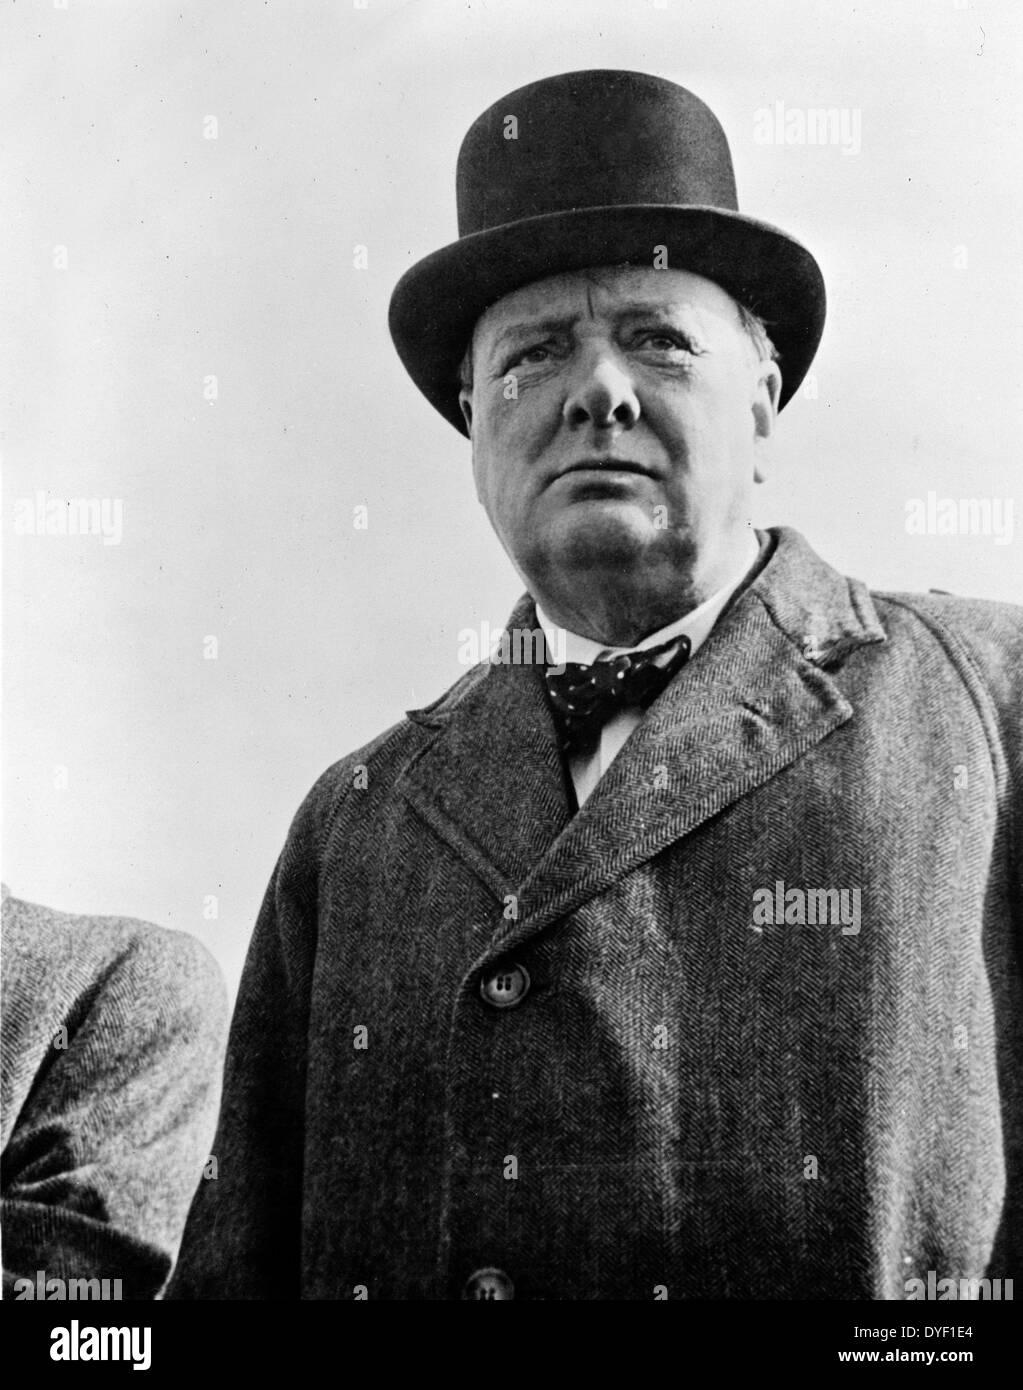 Il Primo Ministro Winston Churchill di Gran Bretagna 1942. Immagini Stock fd805c367ef1